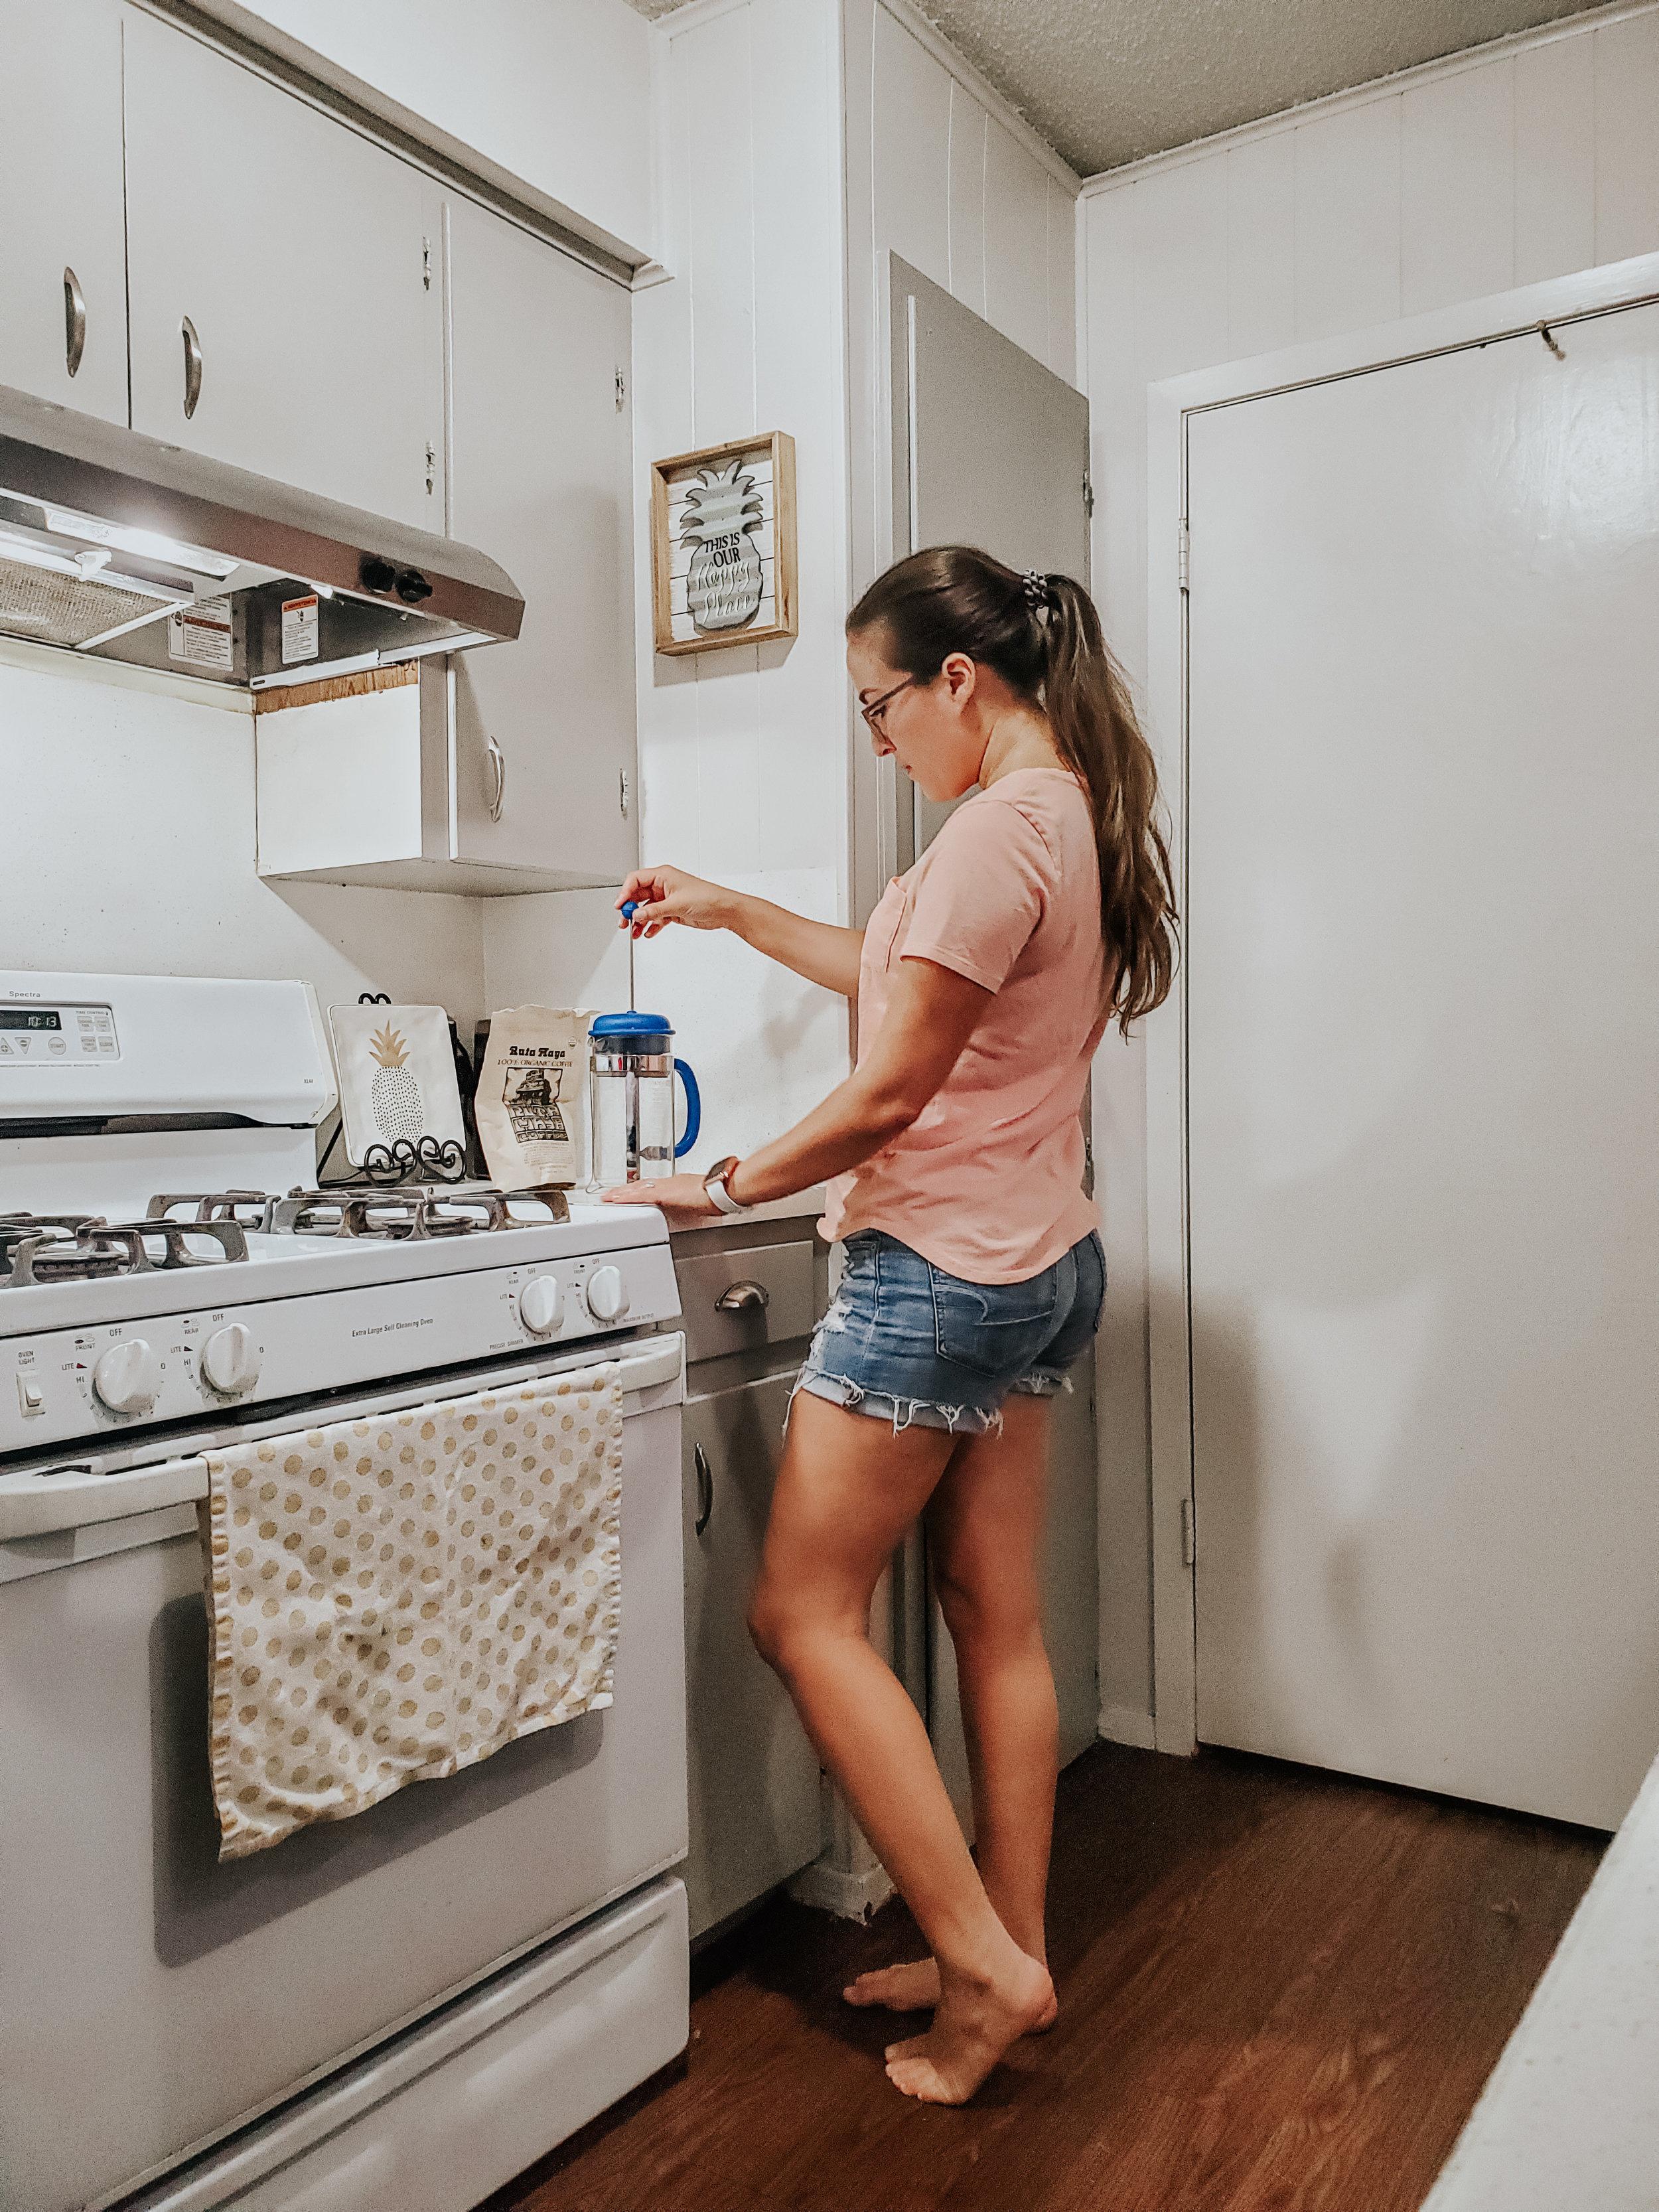 aspeckofsunshine-kitchen-coffee-brewing